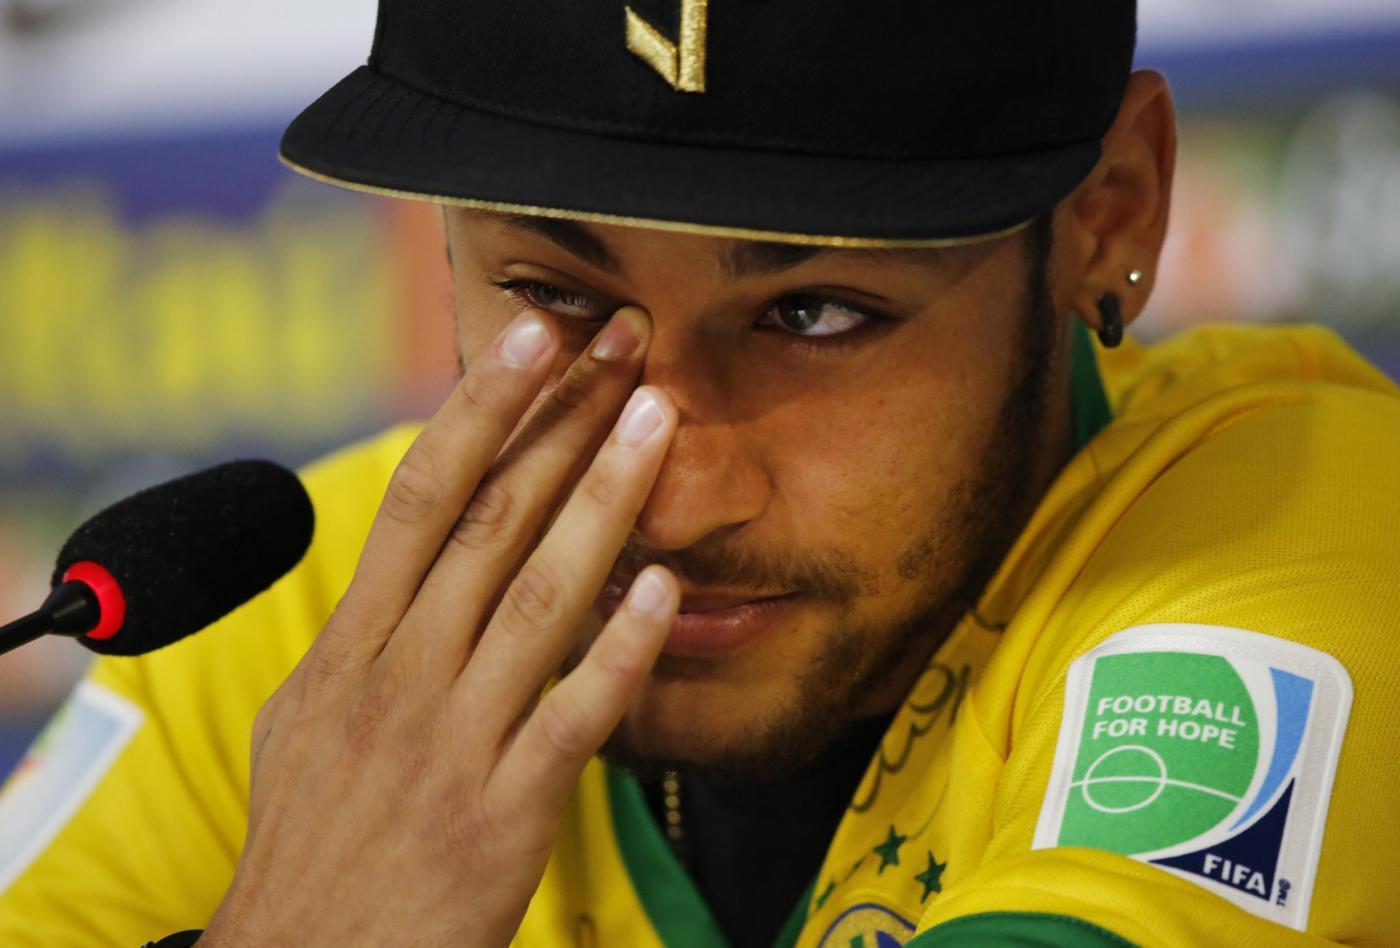 Mondiali Brasile 2014 news, Neymar: fortunato a non essere su una sedia a rotelle